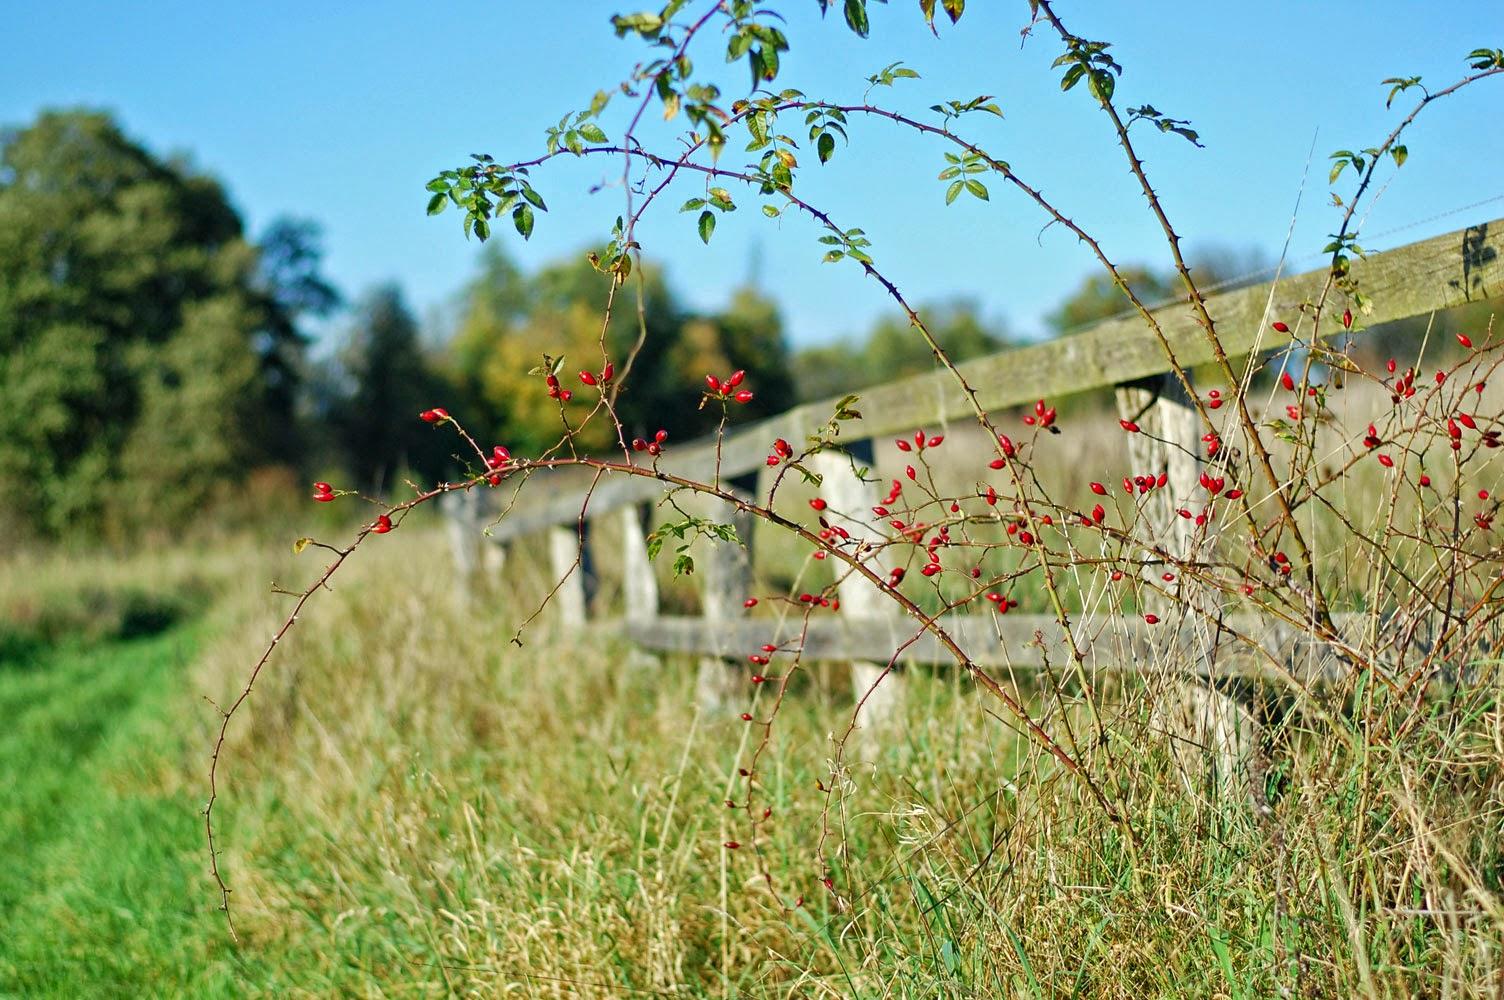 Herbstspaziergang oder Ferien auf dem Reiterhof 58